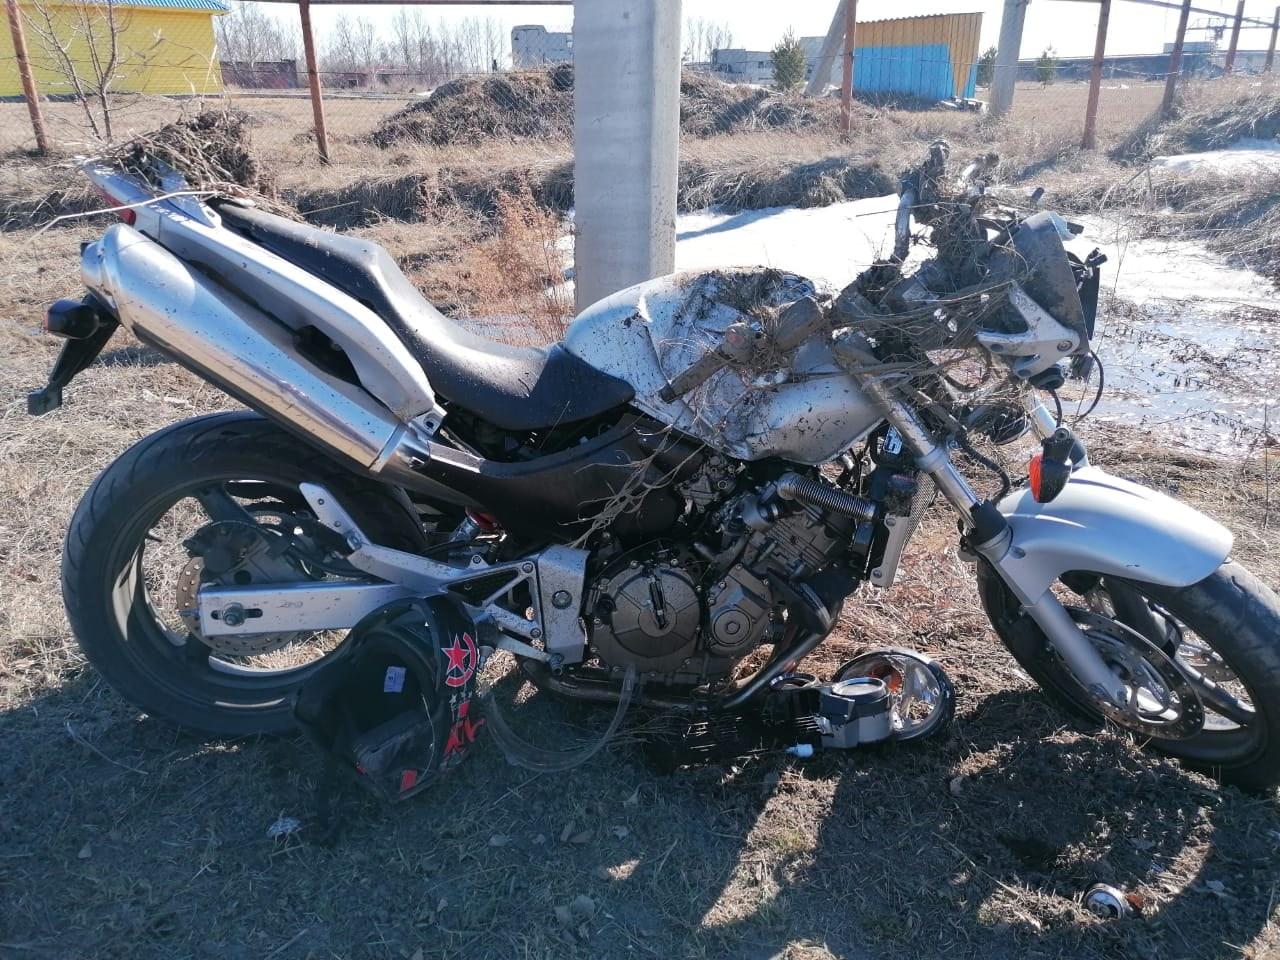 В Омской области мотоциклист ударился о столб, оказавшийся на его пути #Новости #Общество #Омск